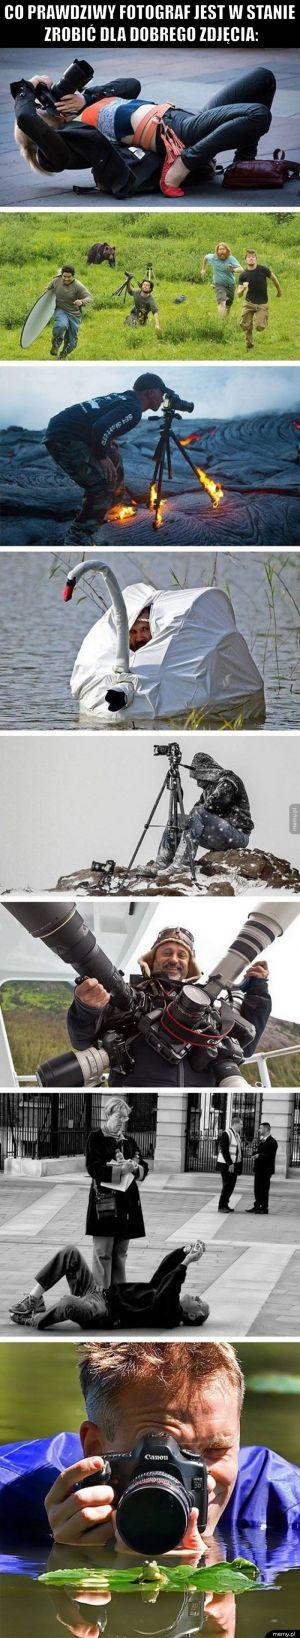 Prawdziwy fotograf